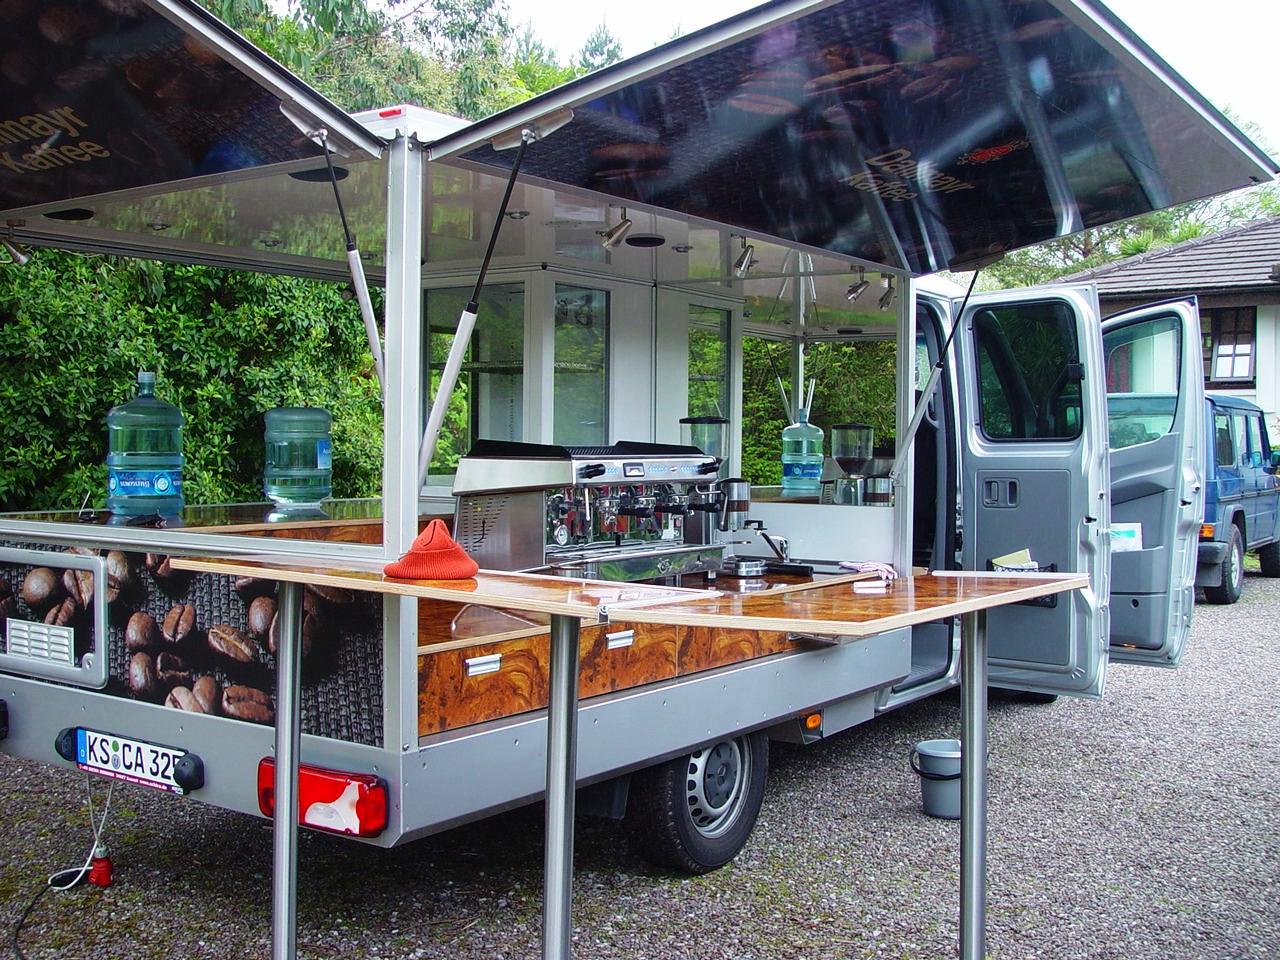 Mercedes Sprinter Espressomobil , das große Kaffeemobil für die mobilen Einsatz